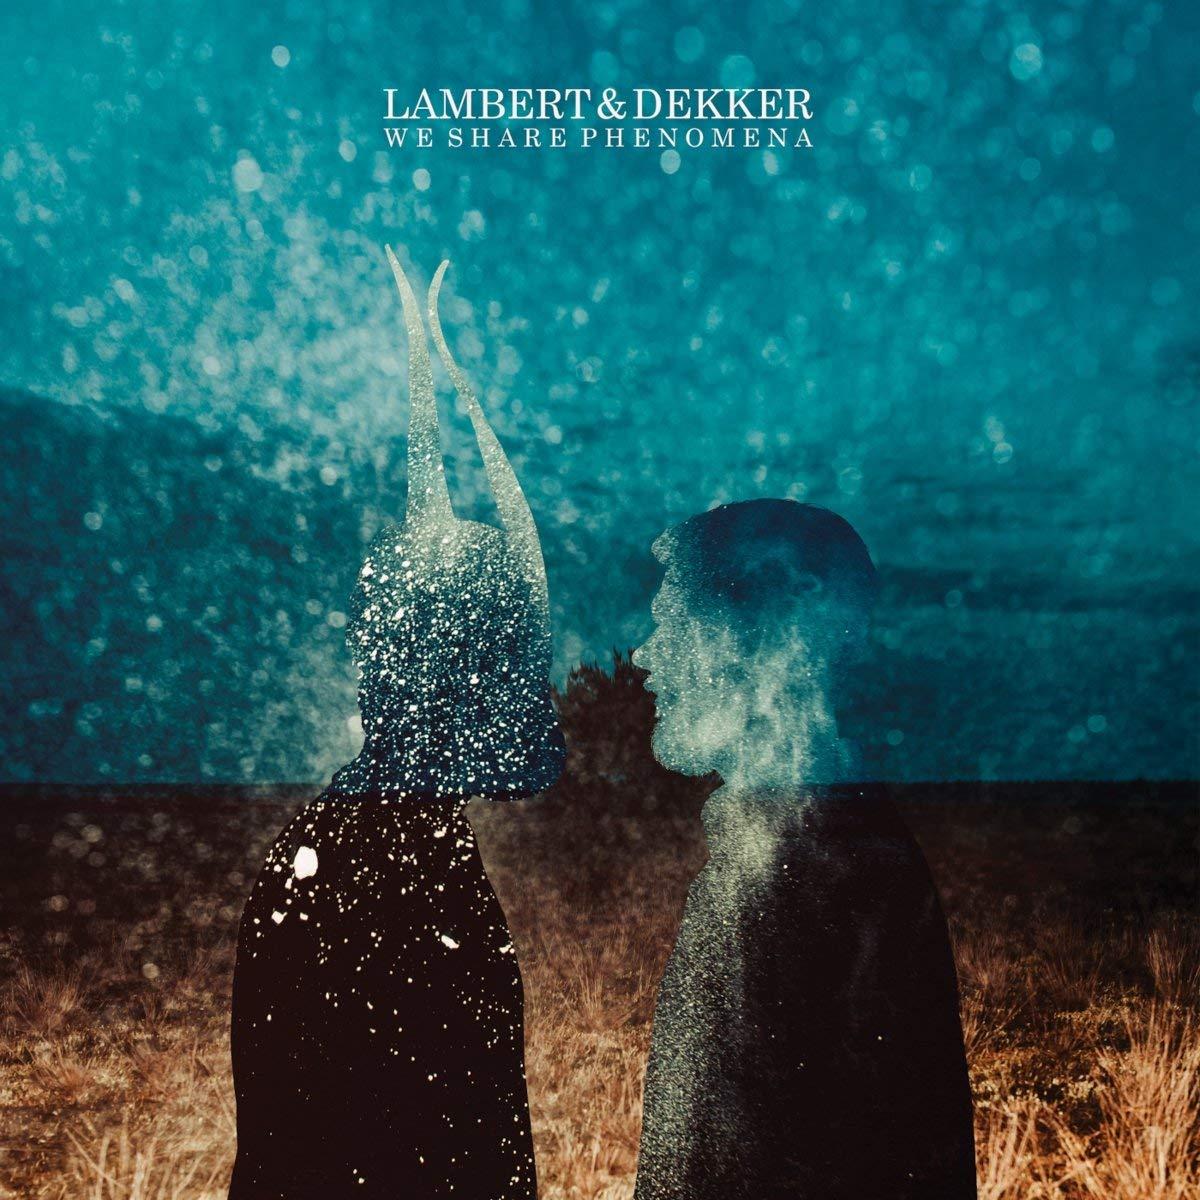 Lambert & Dekker